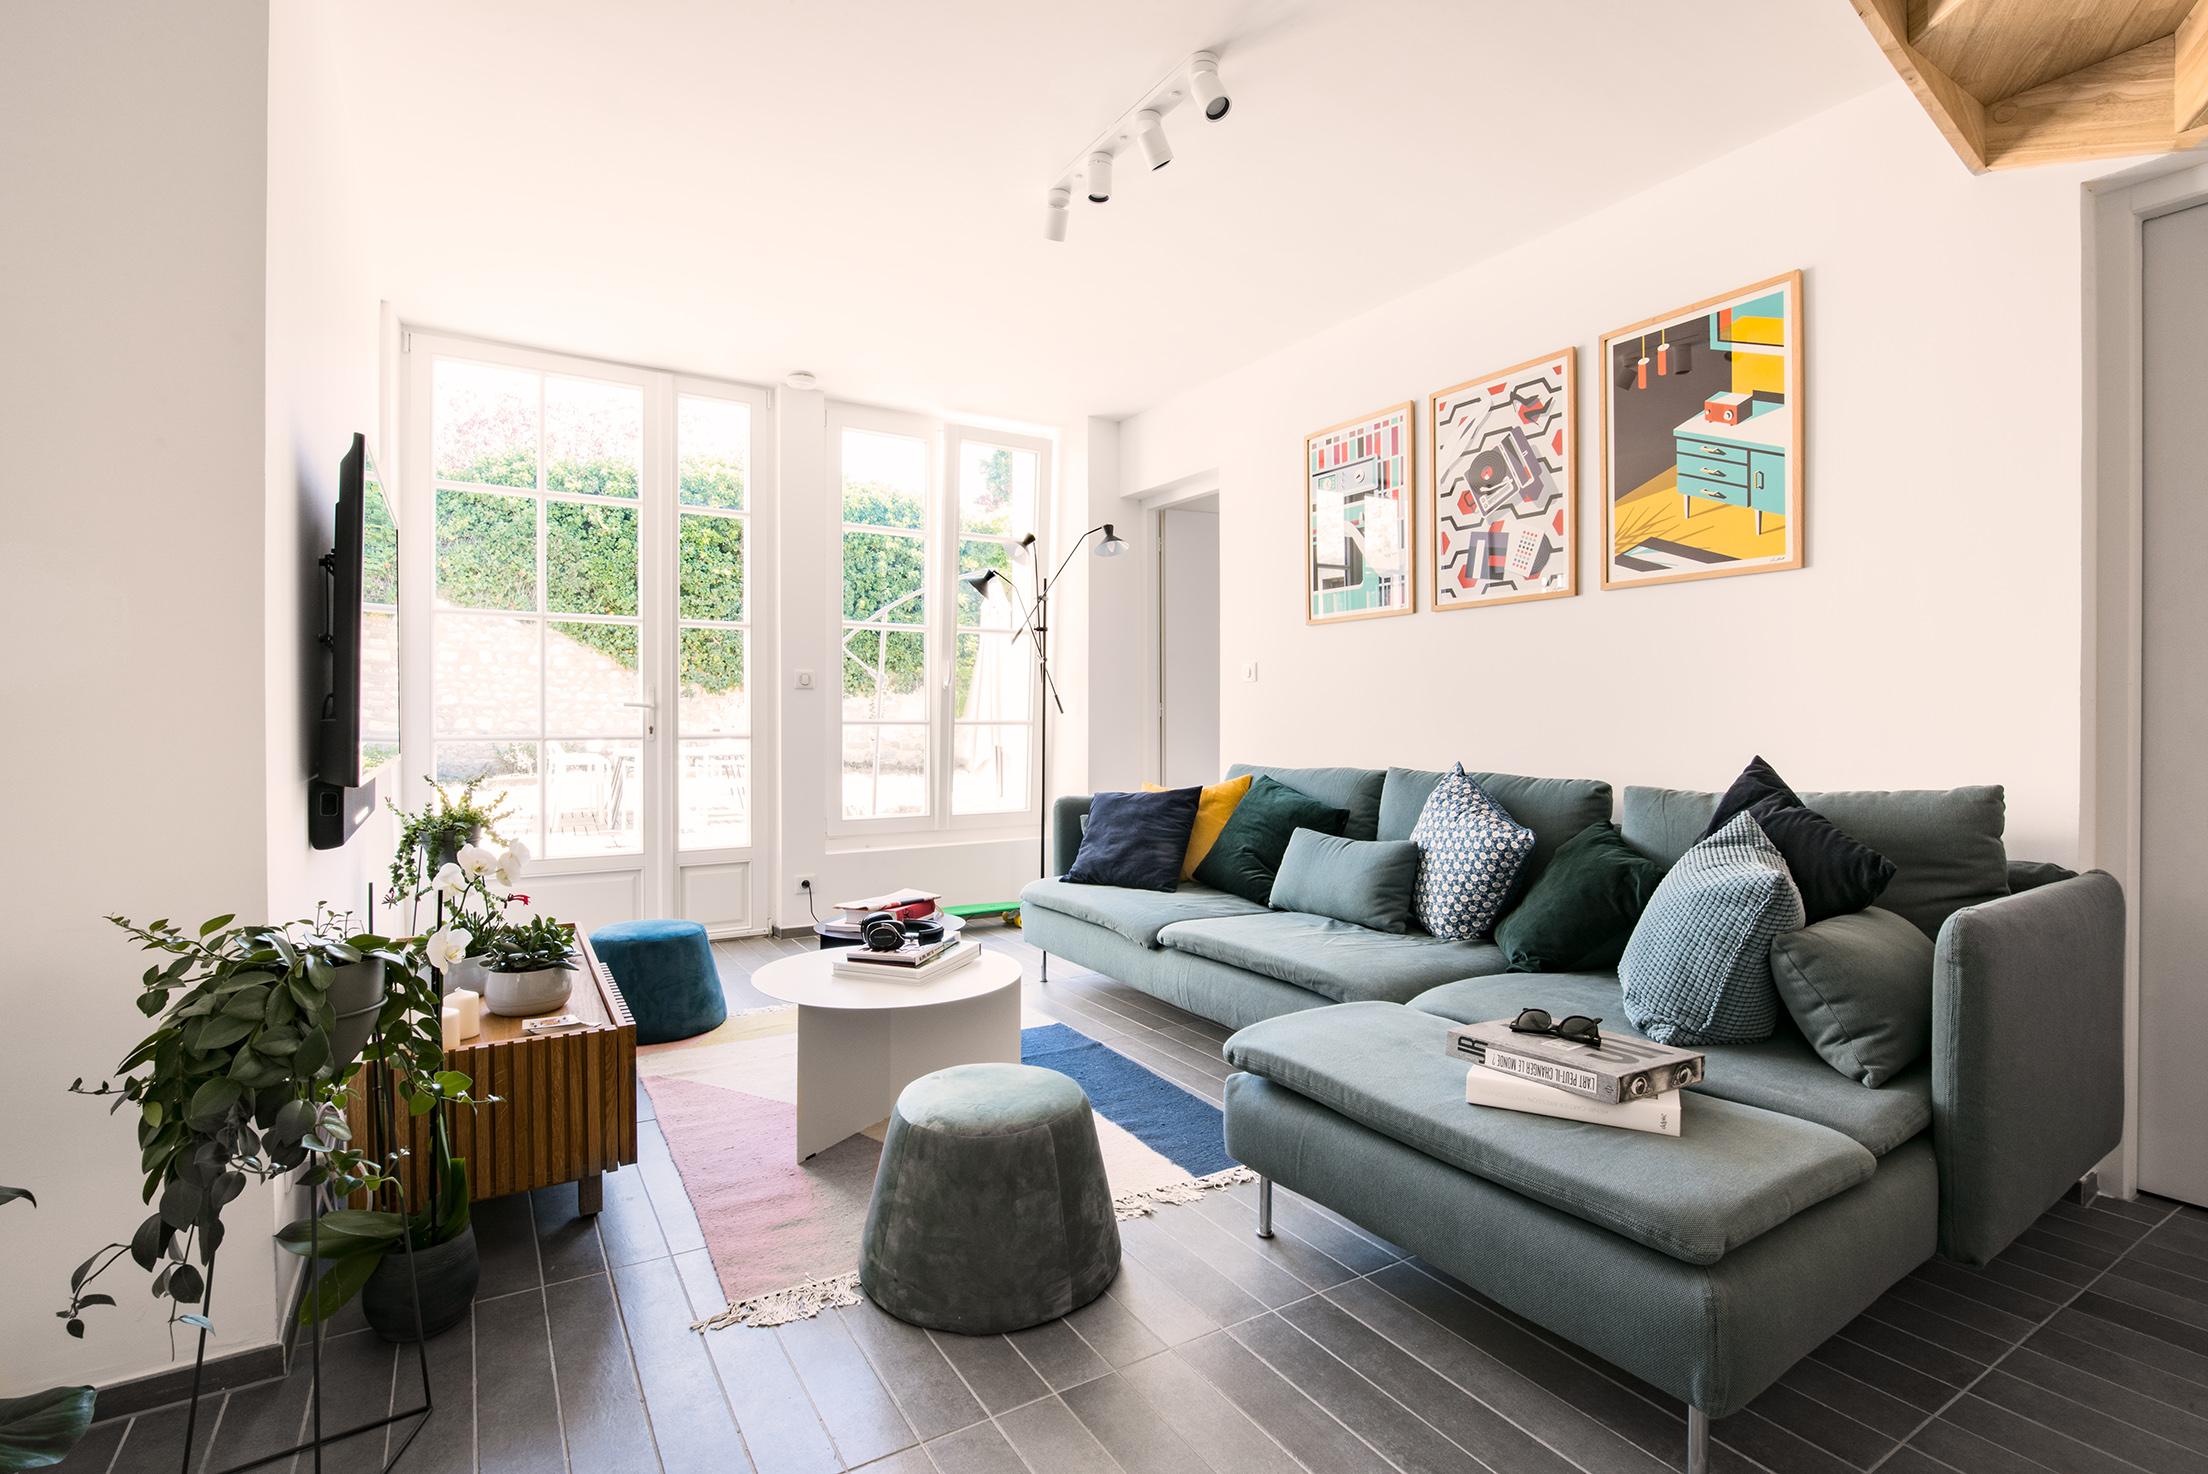 De superbes espaces partagés - Cuisines, salons, rooftop, salle de sport et plus encore… Partagez des espaces hors du commun.